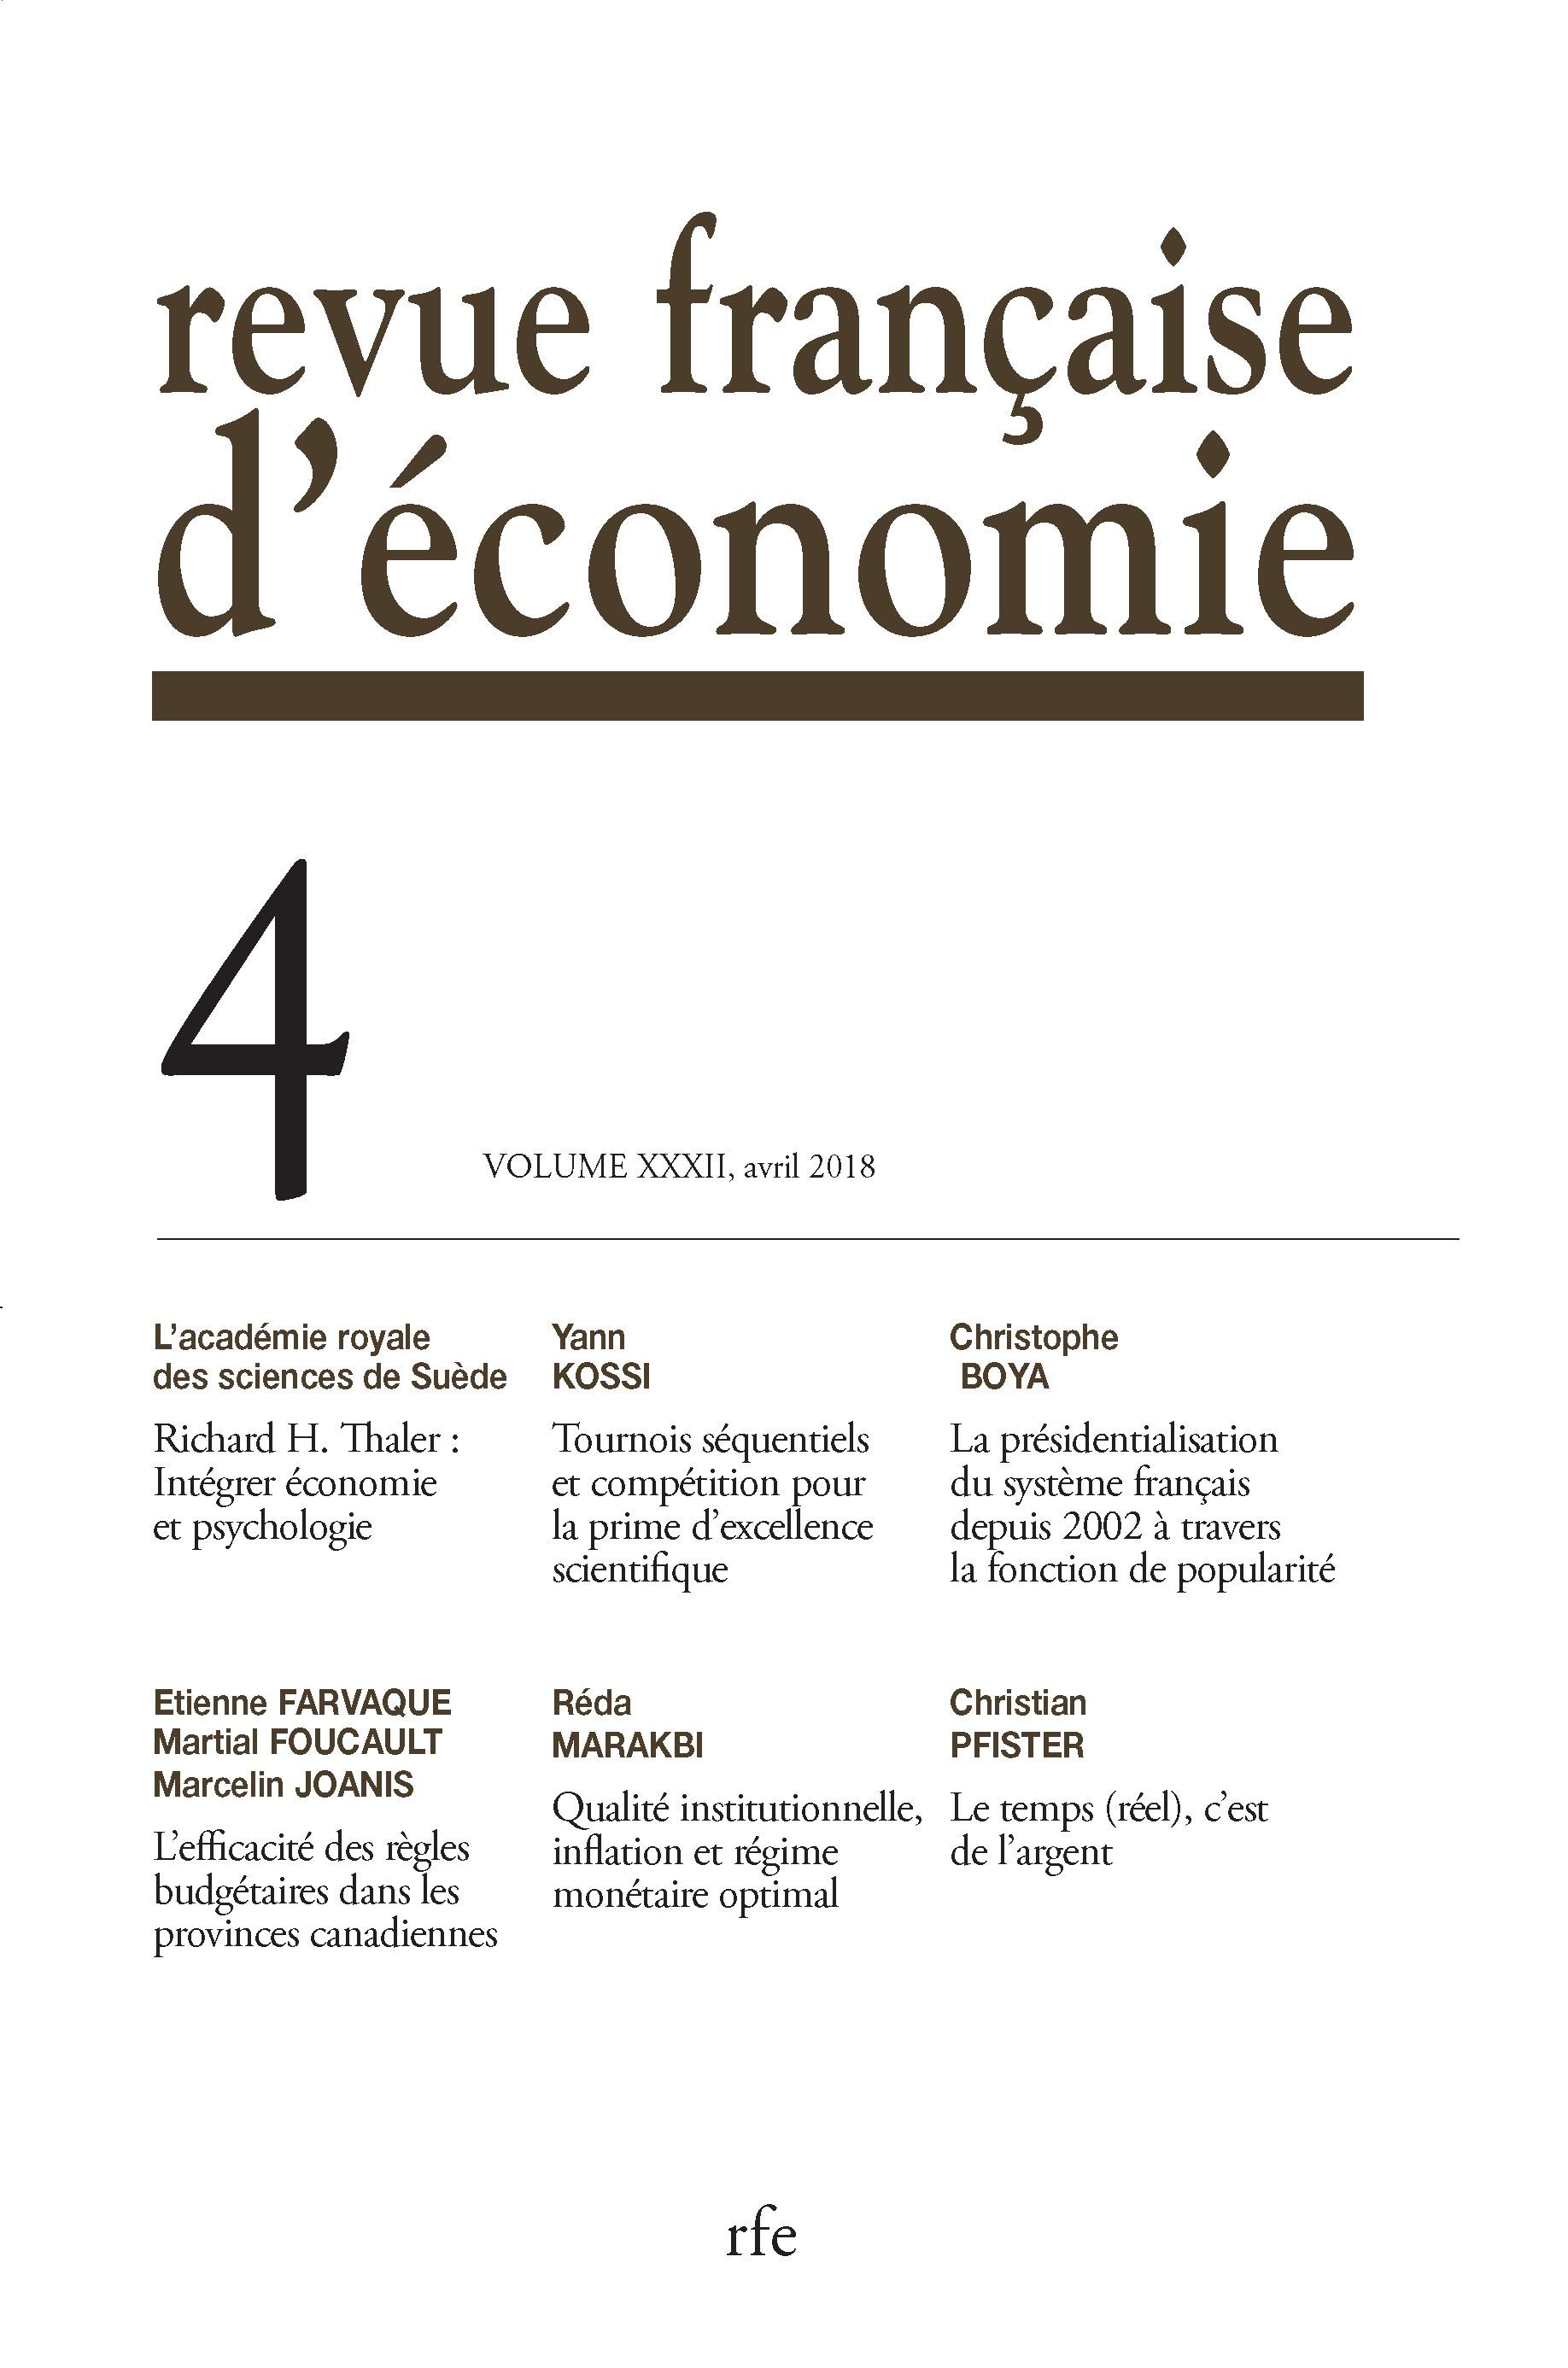 9e4b9386a14a Richard H. Thaler. Intégrer économie et psychologie   Cairn.info